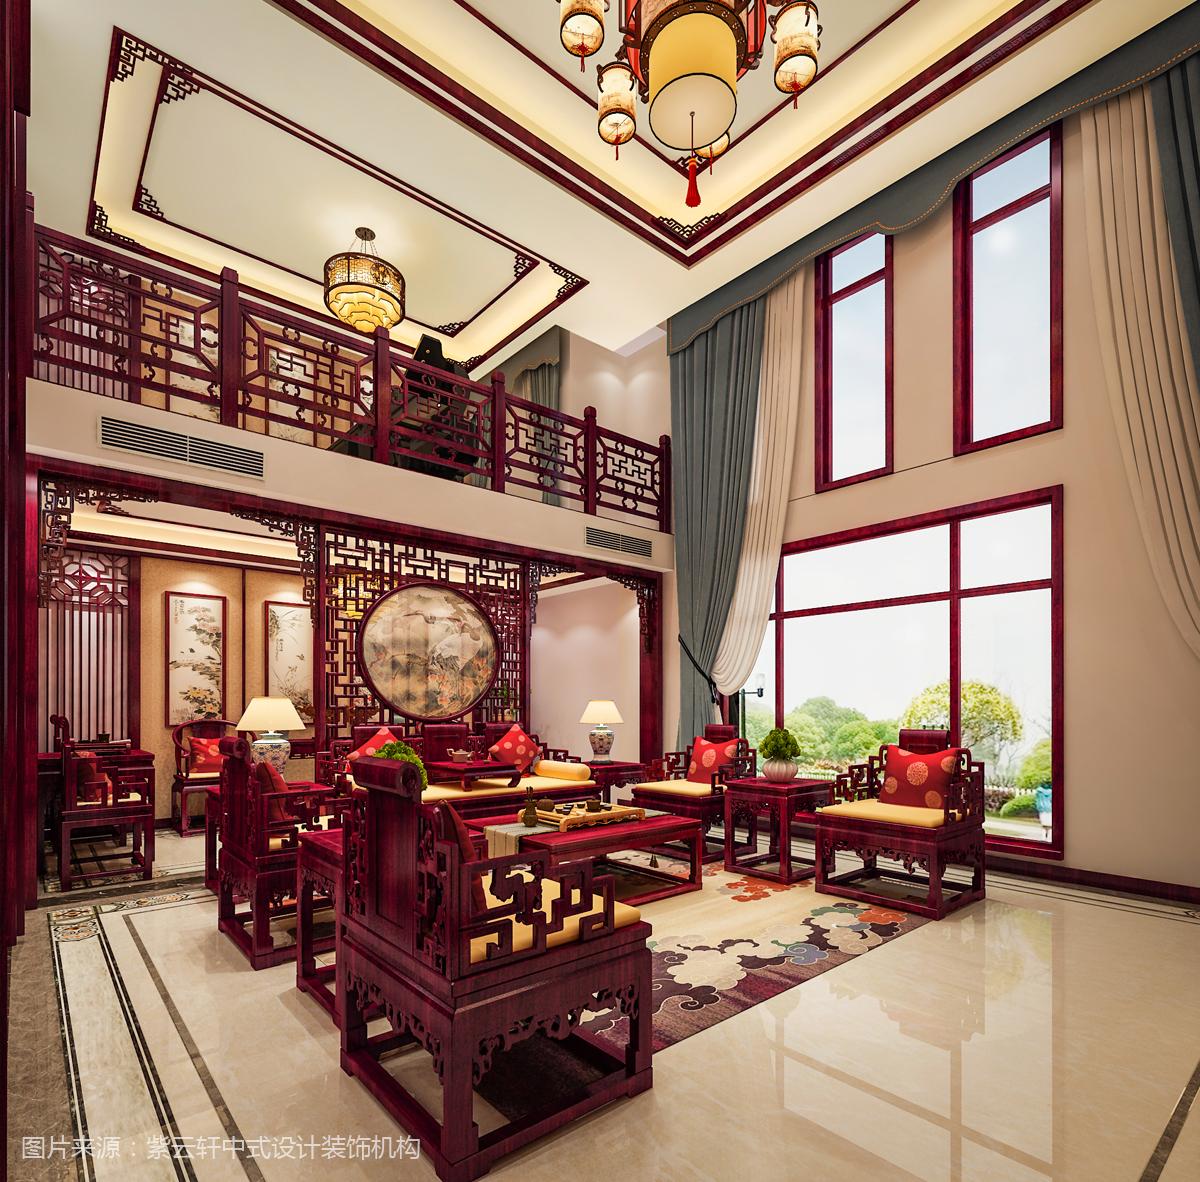 中式设计 别墅中式设计